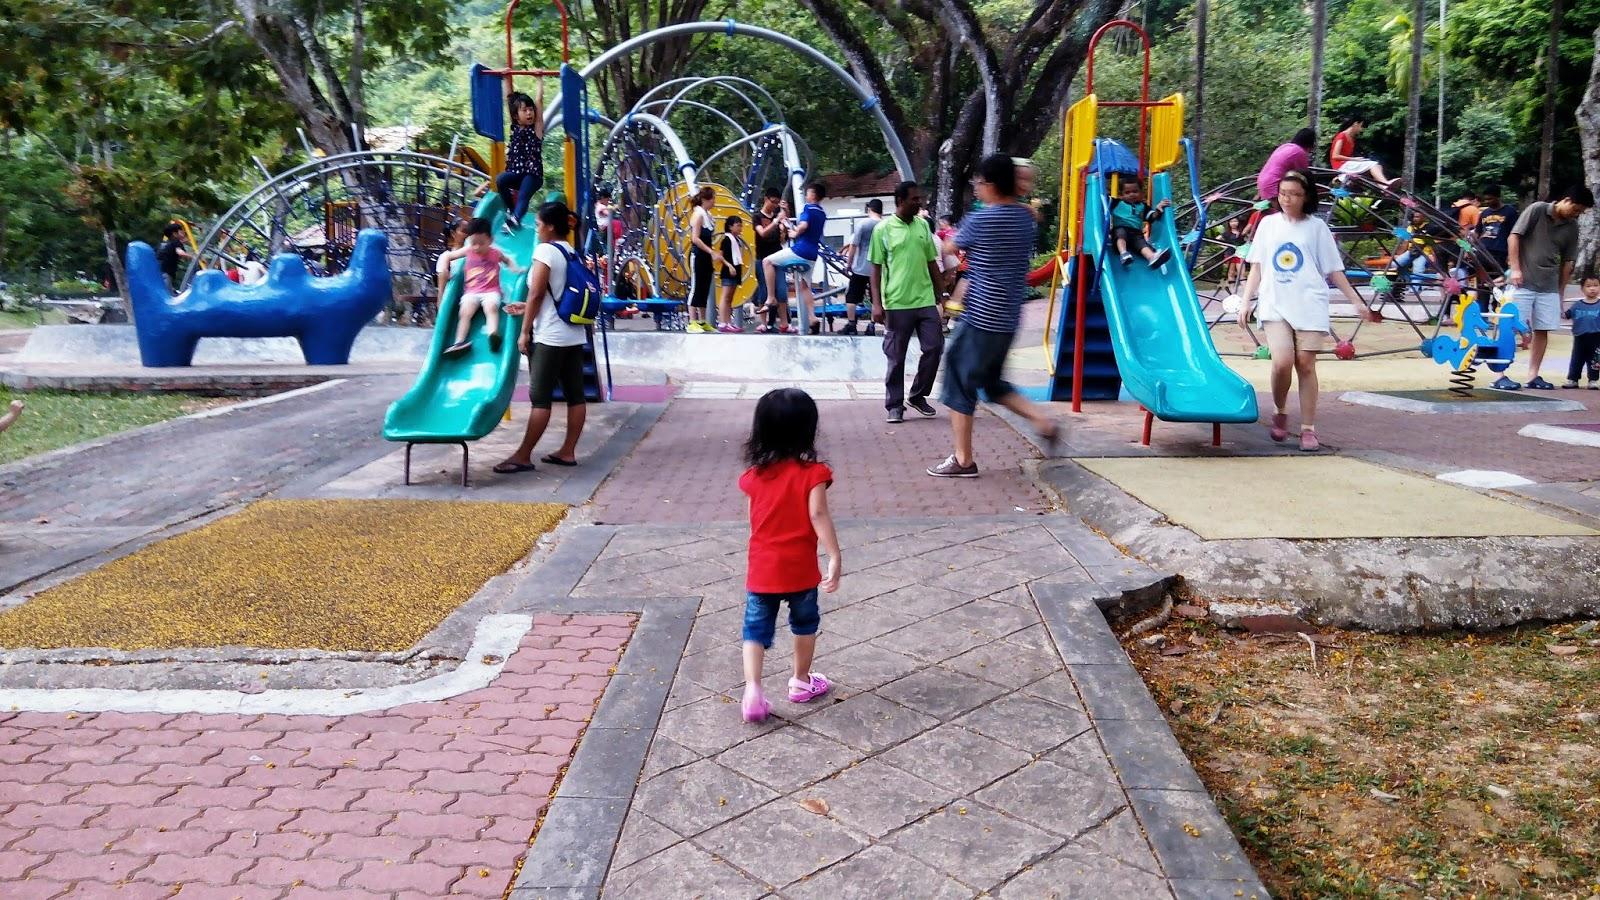 Cik Puteri, taman permainan, taman belia, pulau pinang, riadah, sukan, rehat, keindahan alam